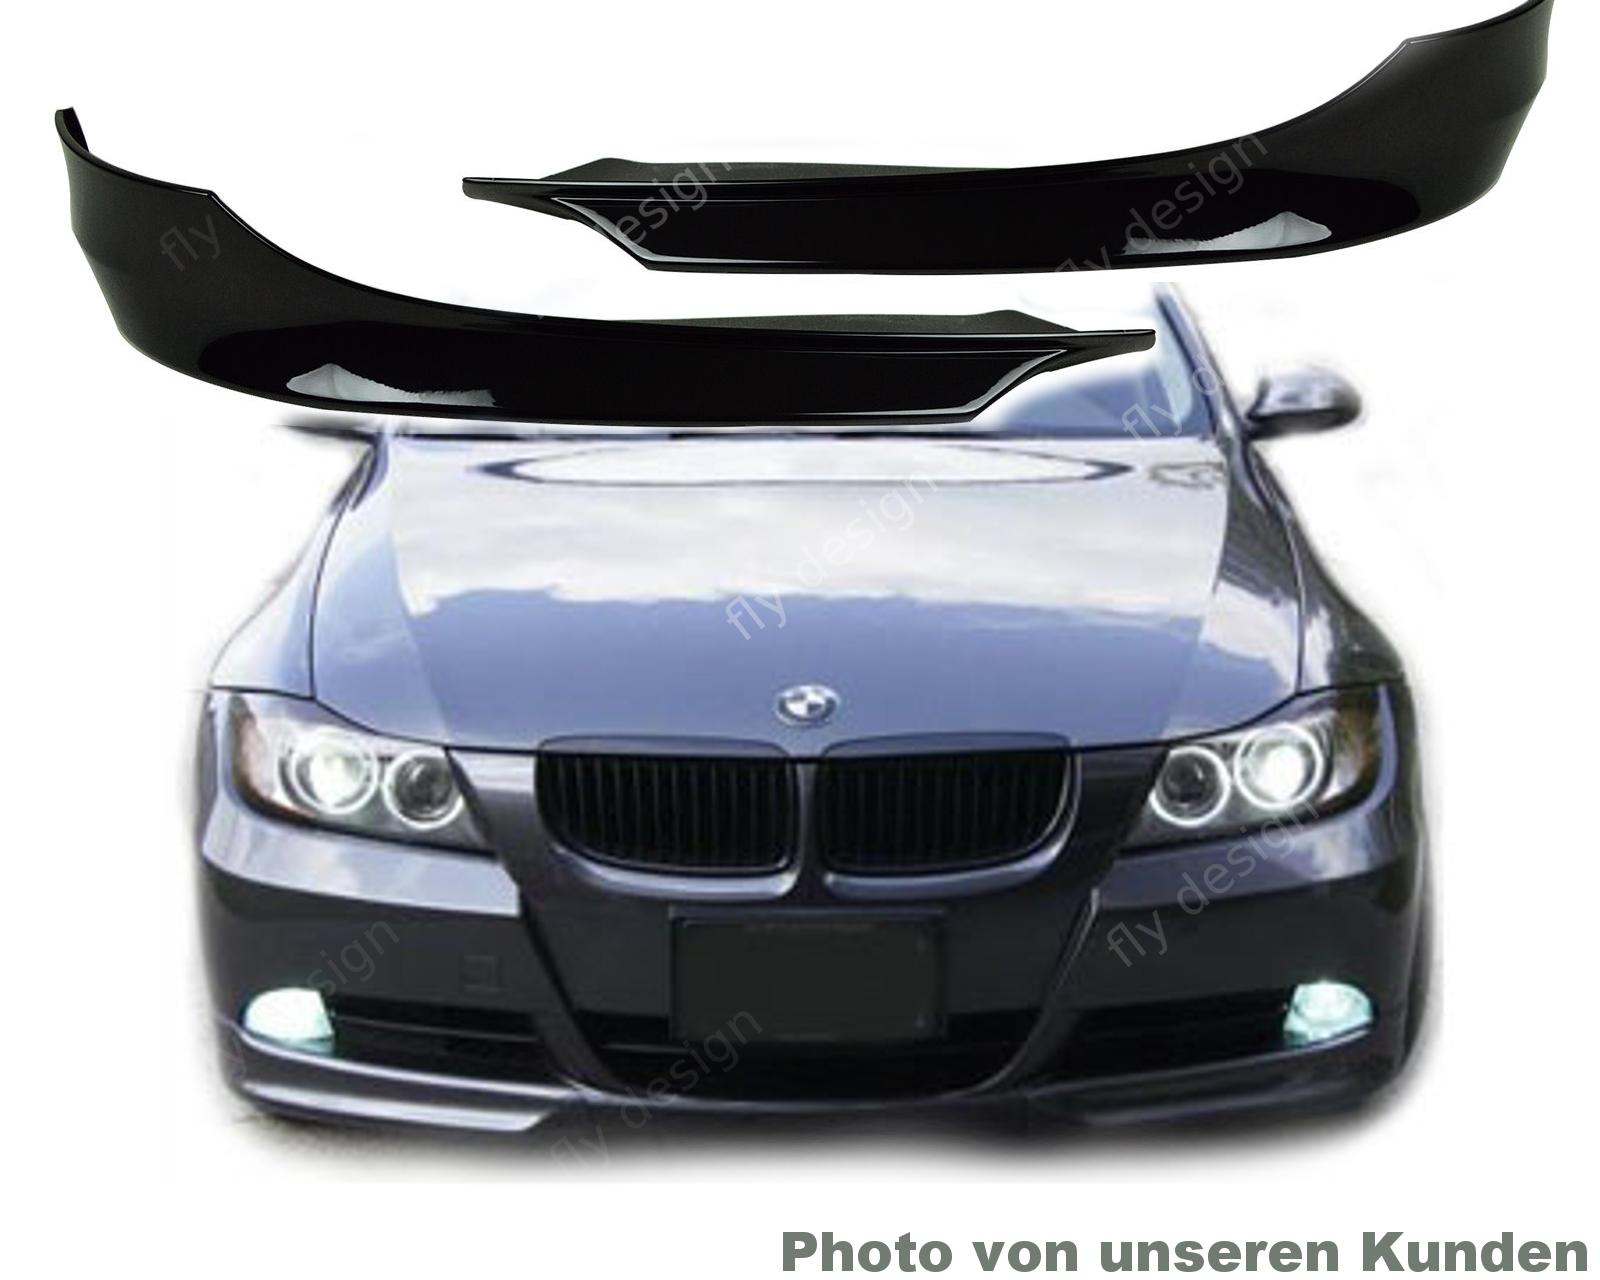 Automobilia Accessoires Fanartikel Lackiert Saphir Schwarz Spoiler Fur Bmw 3er E90 Performance Lack Code 475 Tuning Alquimiaong Org Br